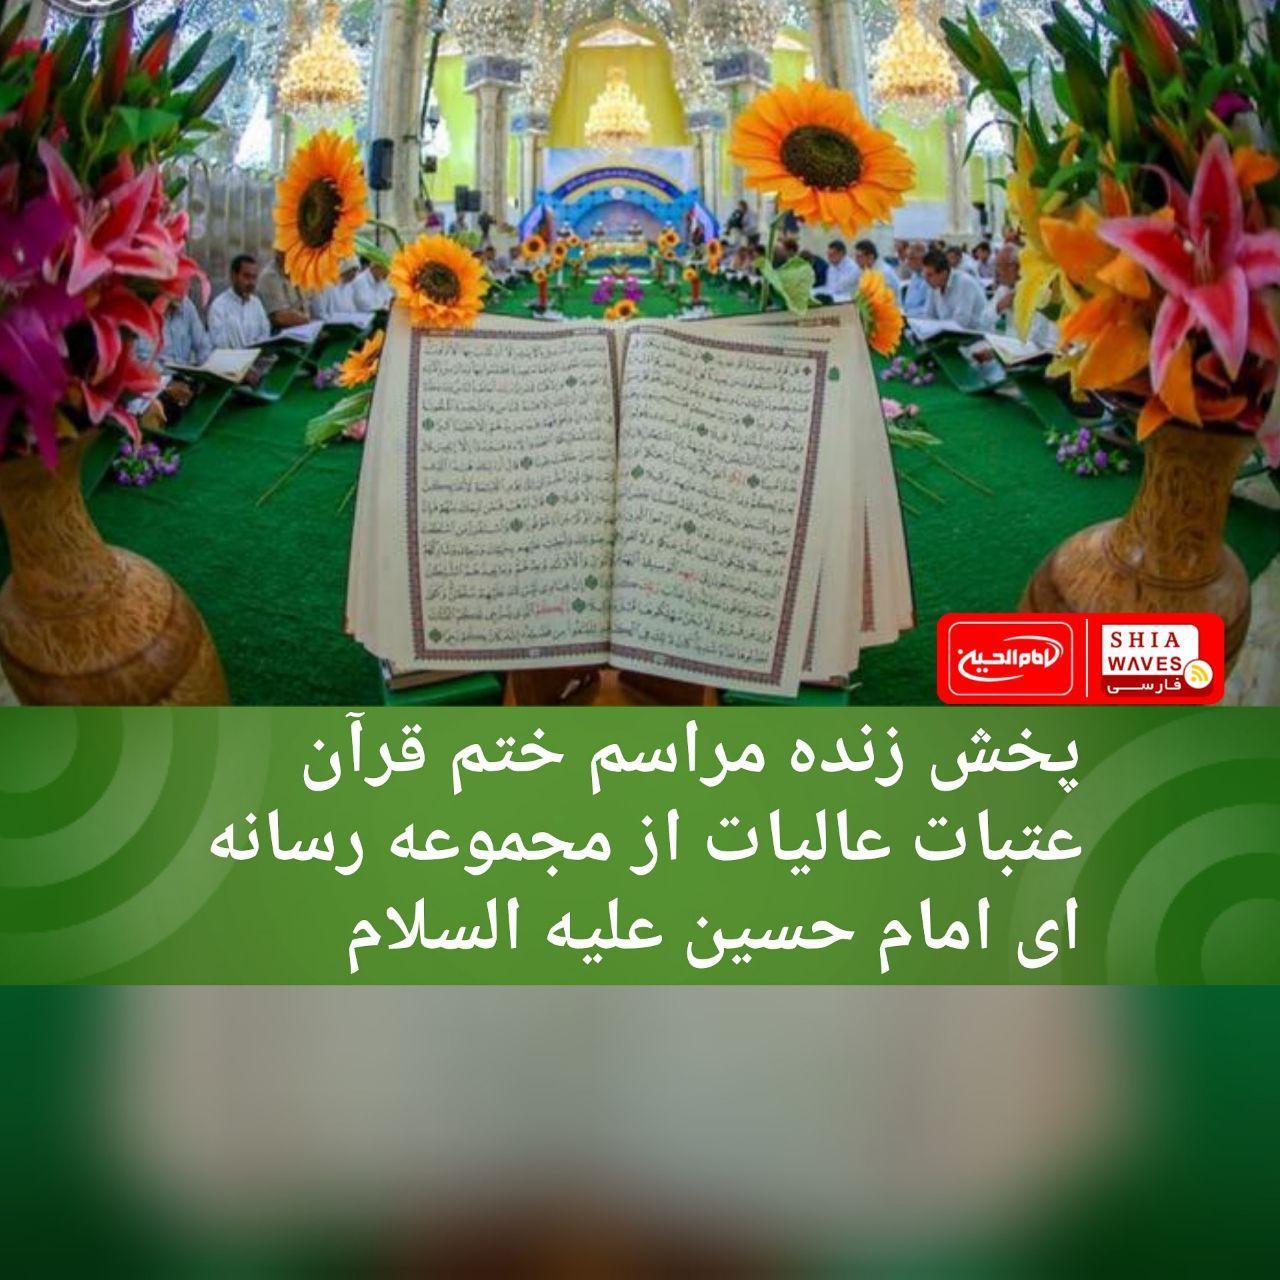 تصویر پخش زنده مراسم ختم قرآن عتبات عالیات از مجموعه رسانه اى امام حسين عليه السلام